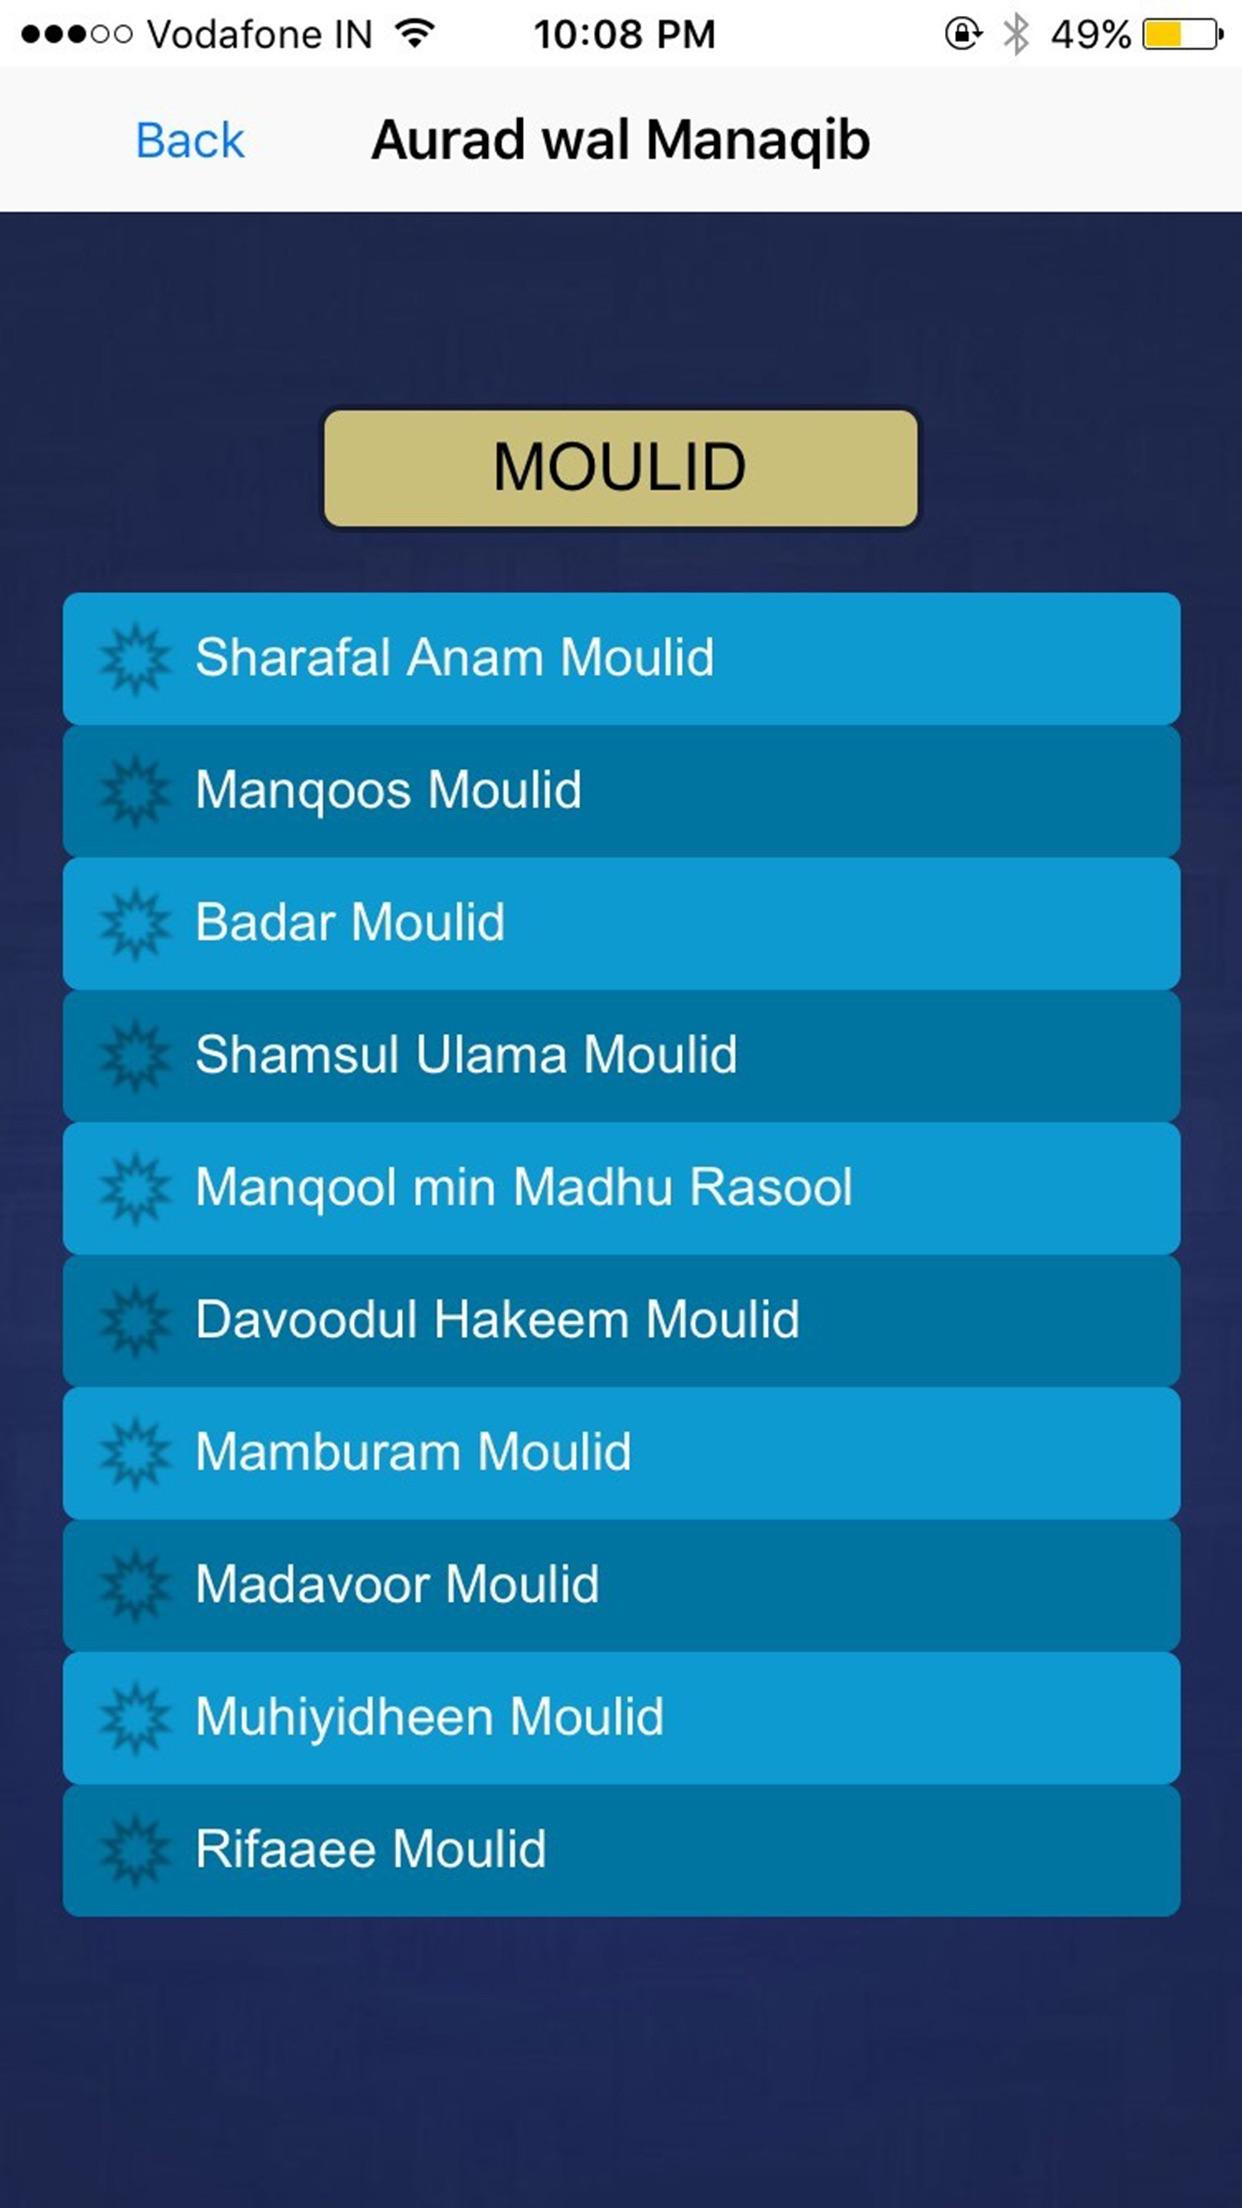 Aurad Wal Manaqib Screenshot